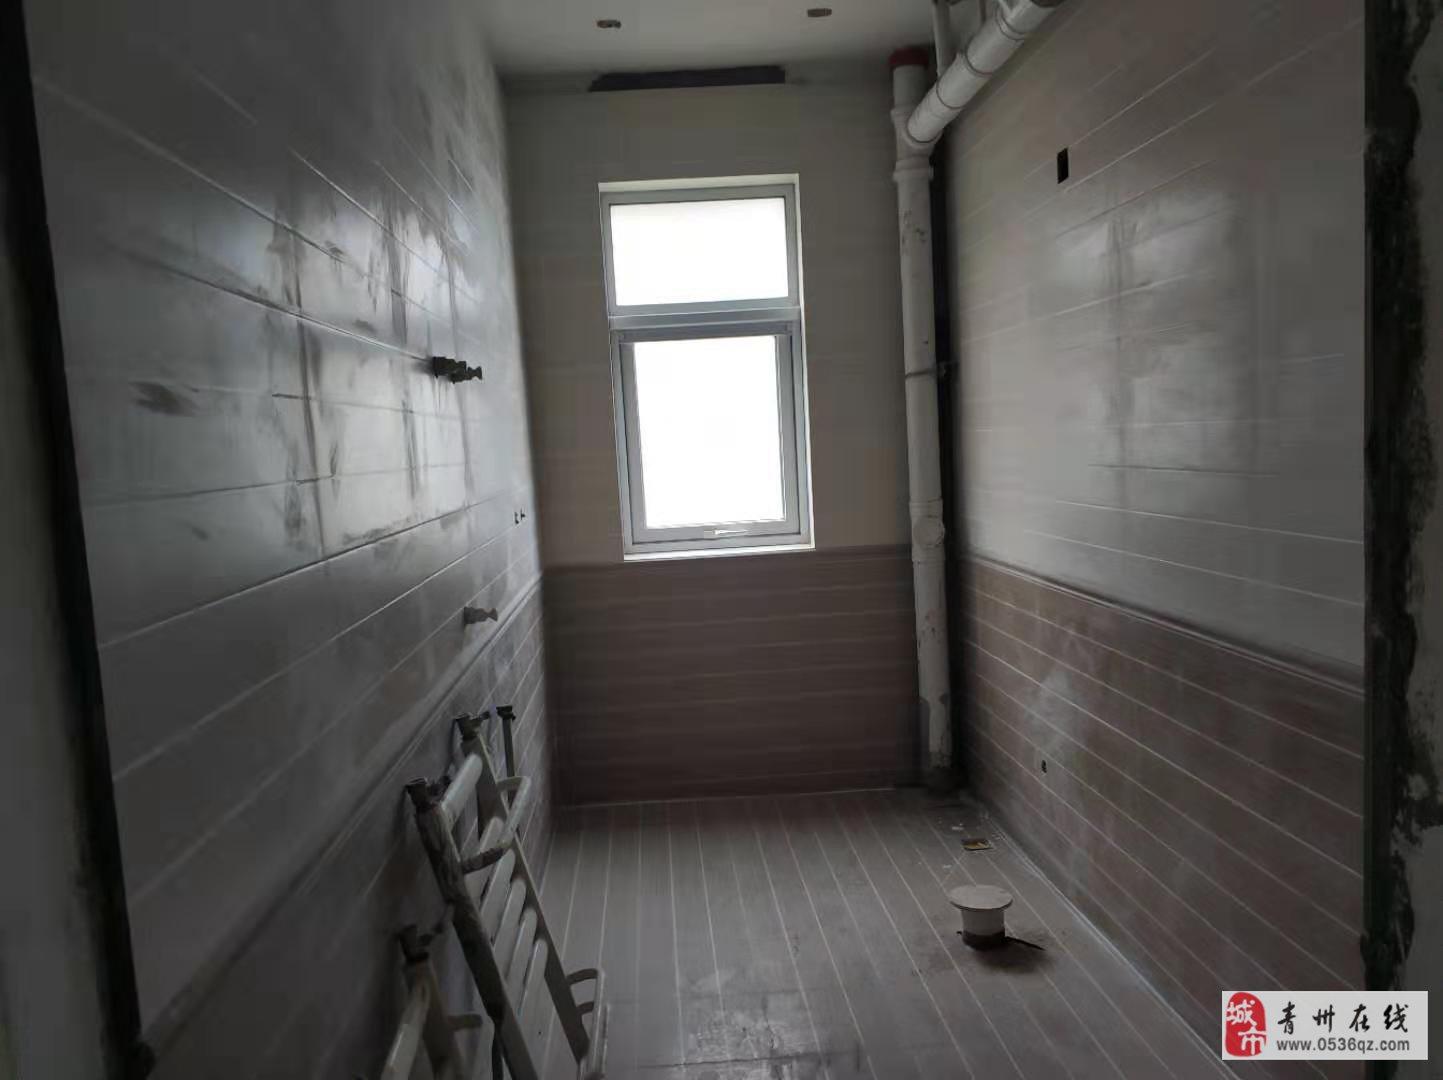 大益华府东苑3室2厅2卫带车位储藏室